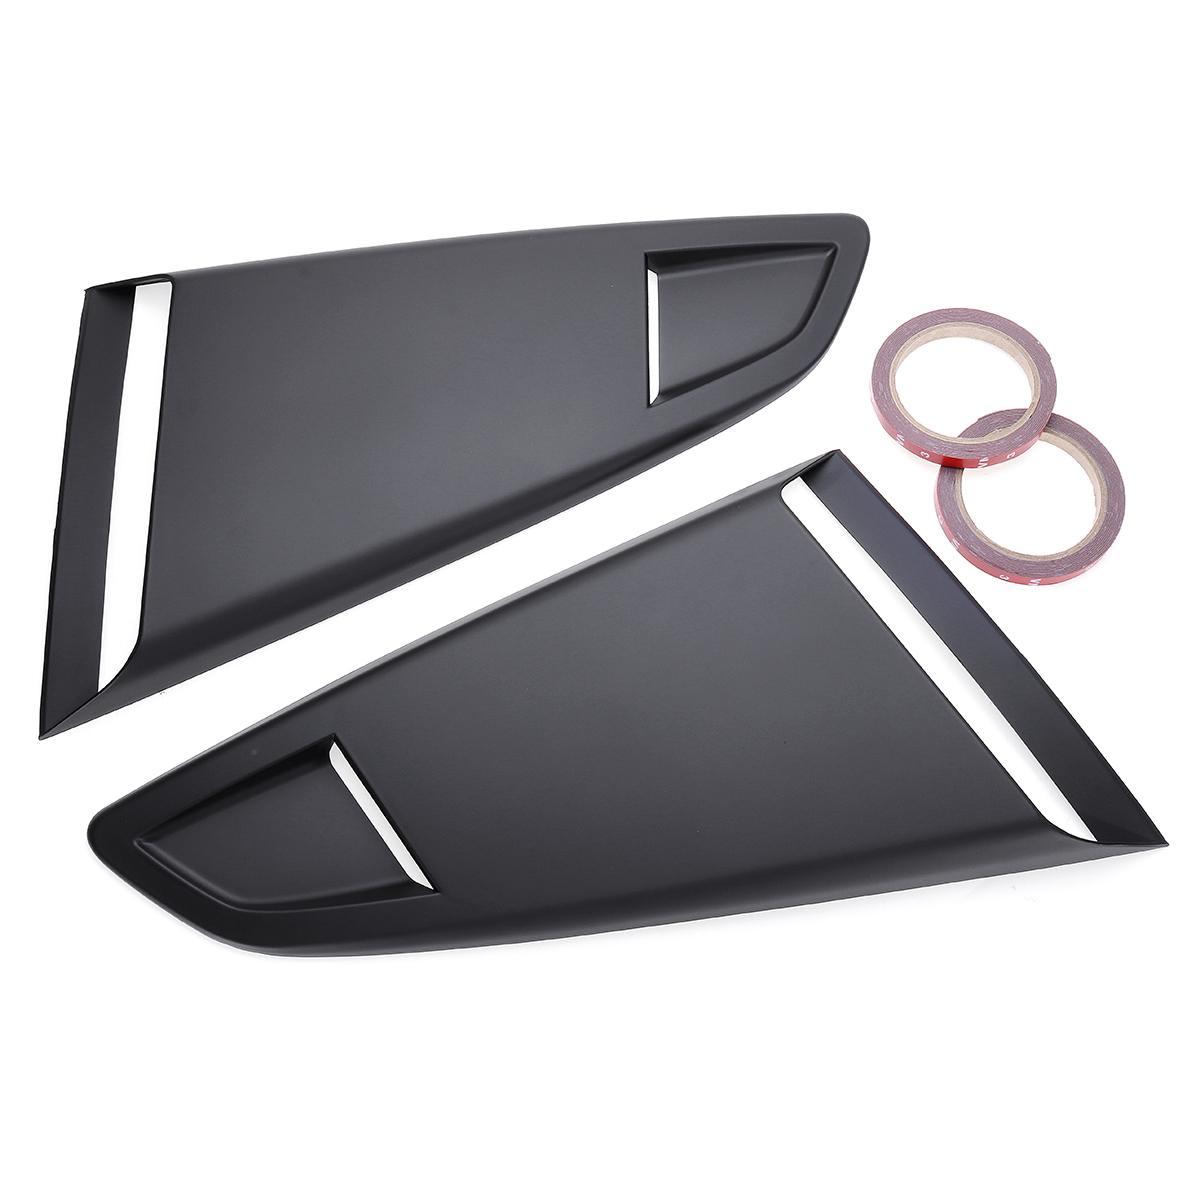 Nouveau 2 pc voiture côté fenêtre arrière quart persienne côté évent déflecteur Scoop couverture pour Ford pour Mustang 2015-2017 2Dr pour modèle coupé